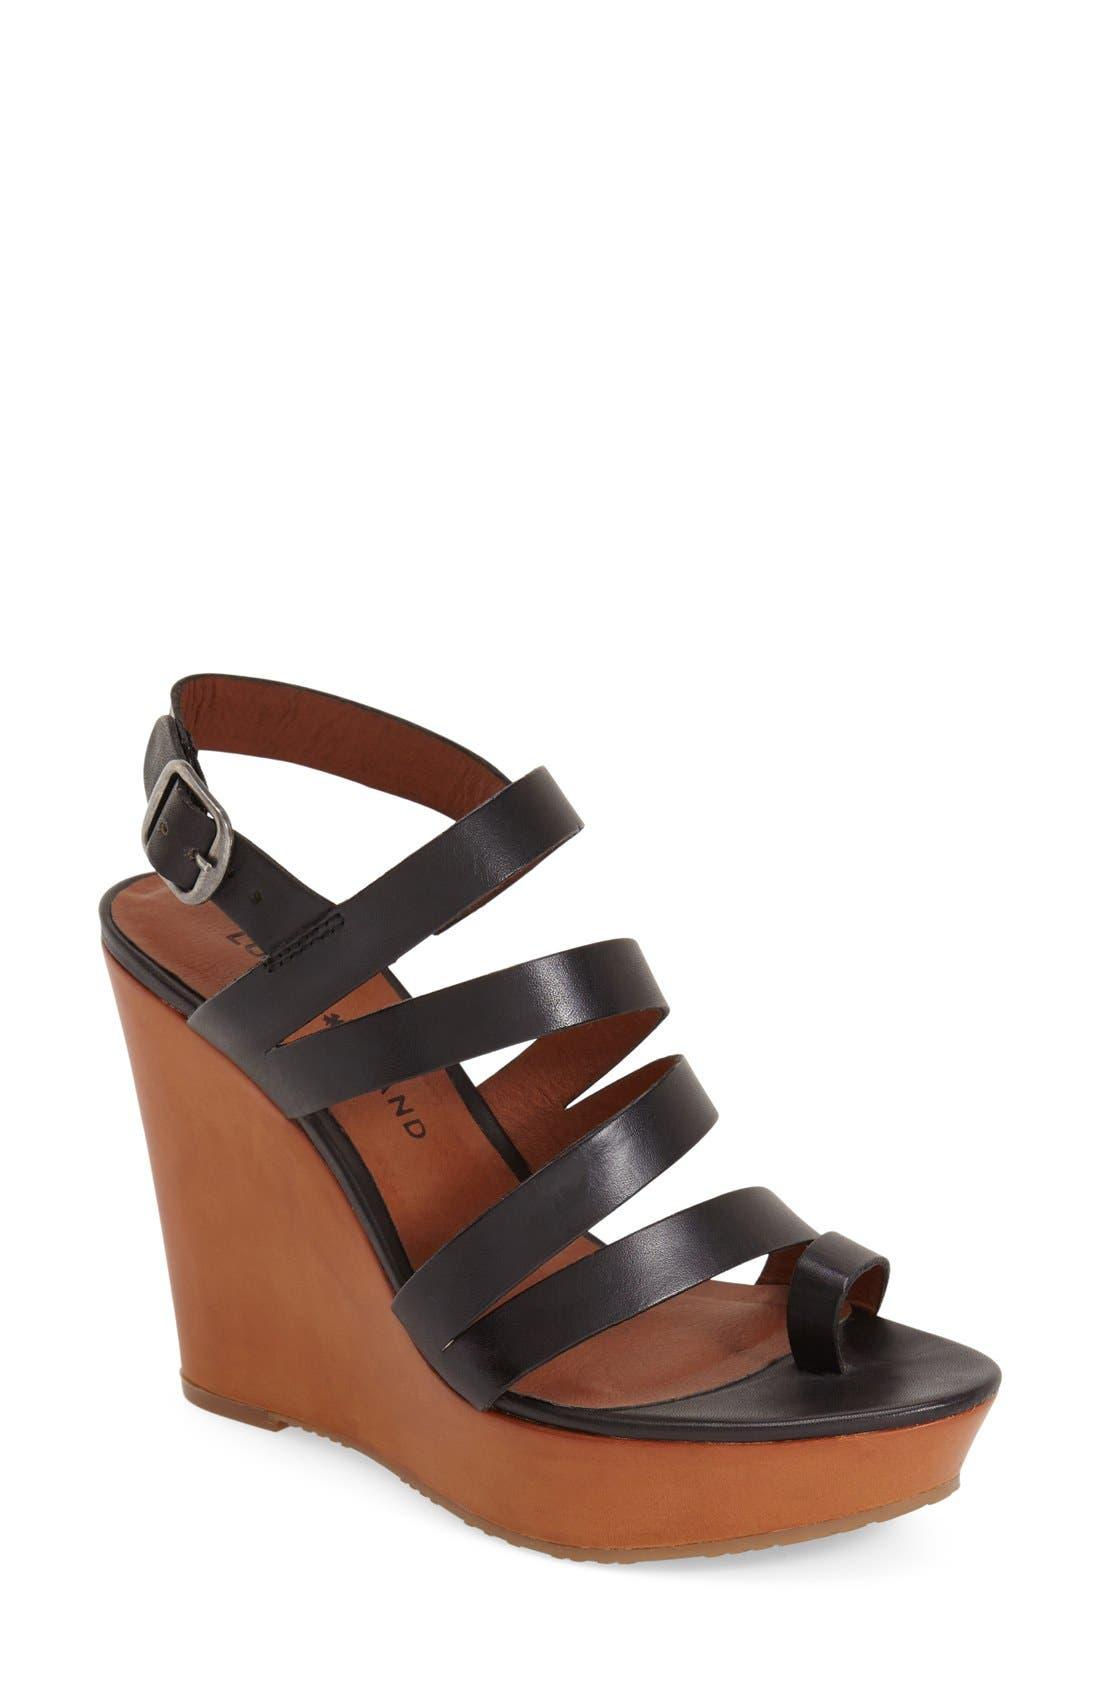 Alternate Image 1 Selected - Lucky Brand 'Fairfina' Wedge Sandal (Women)